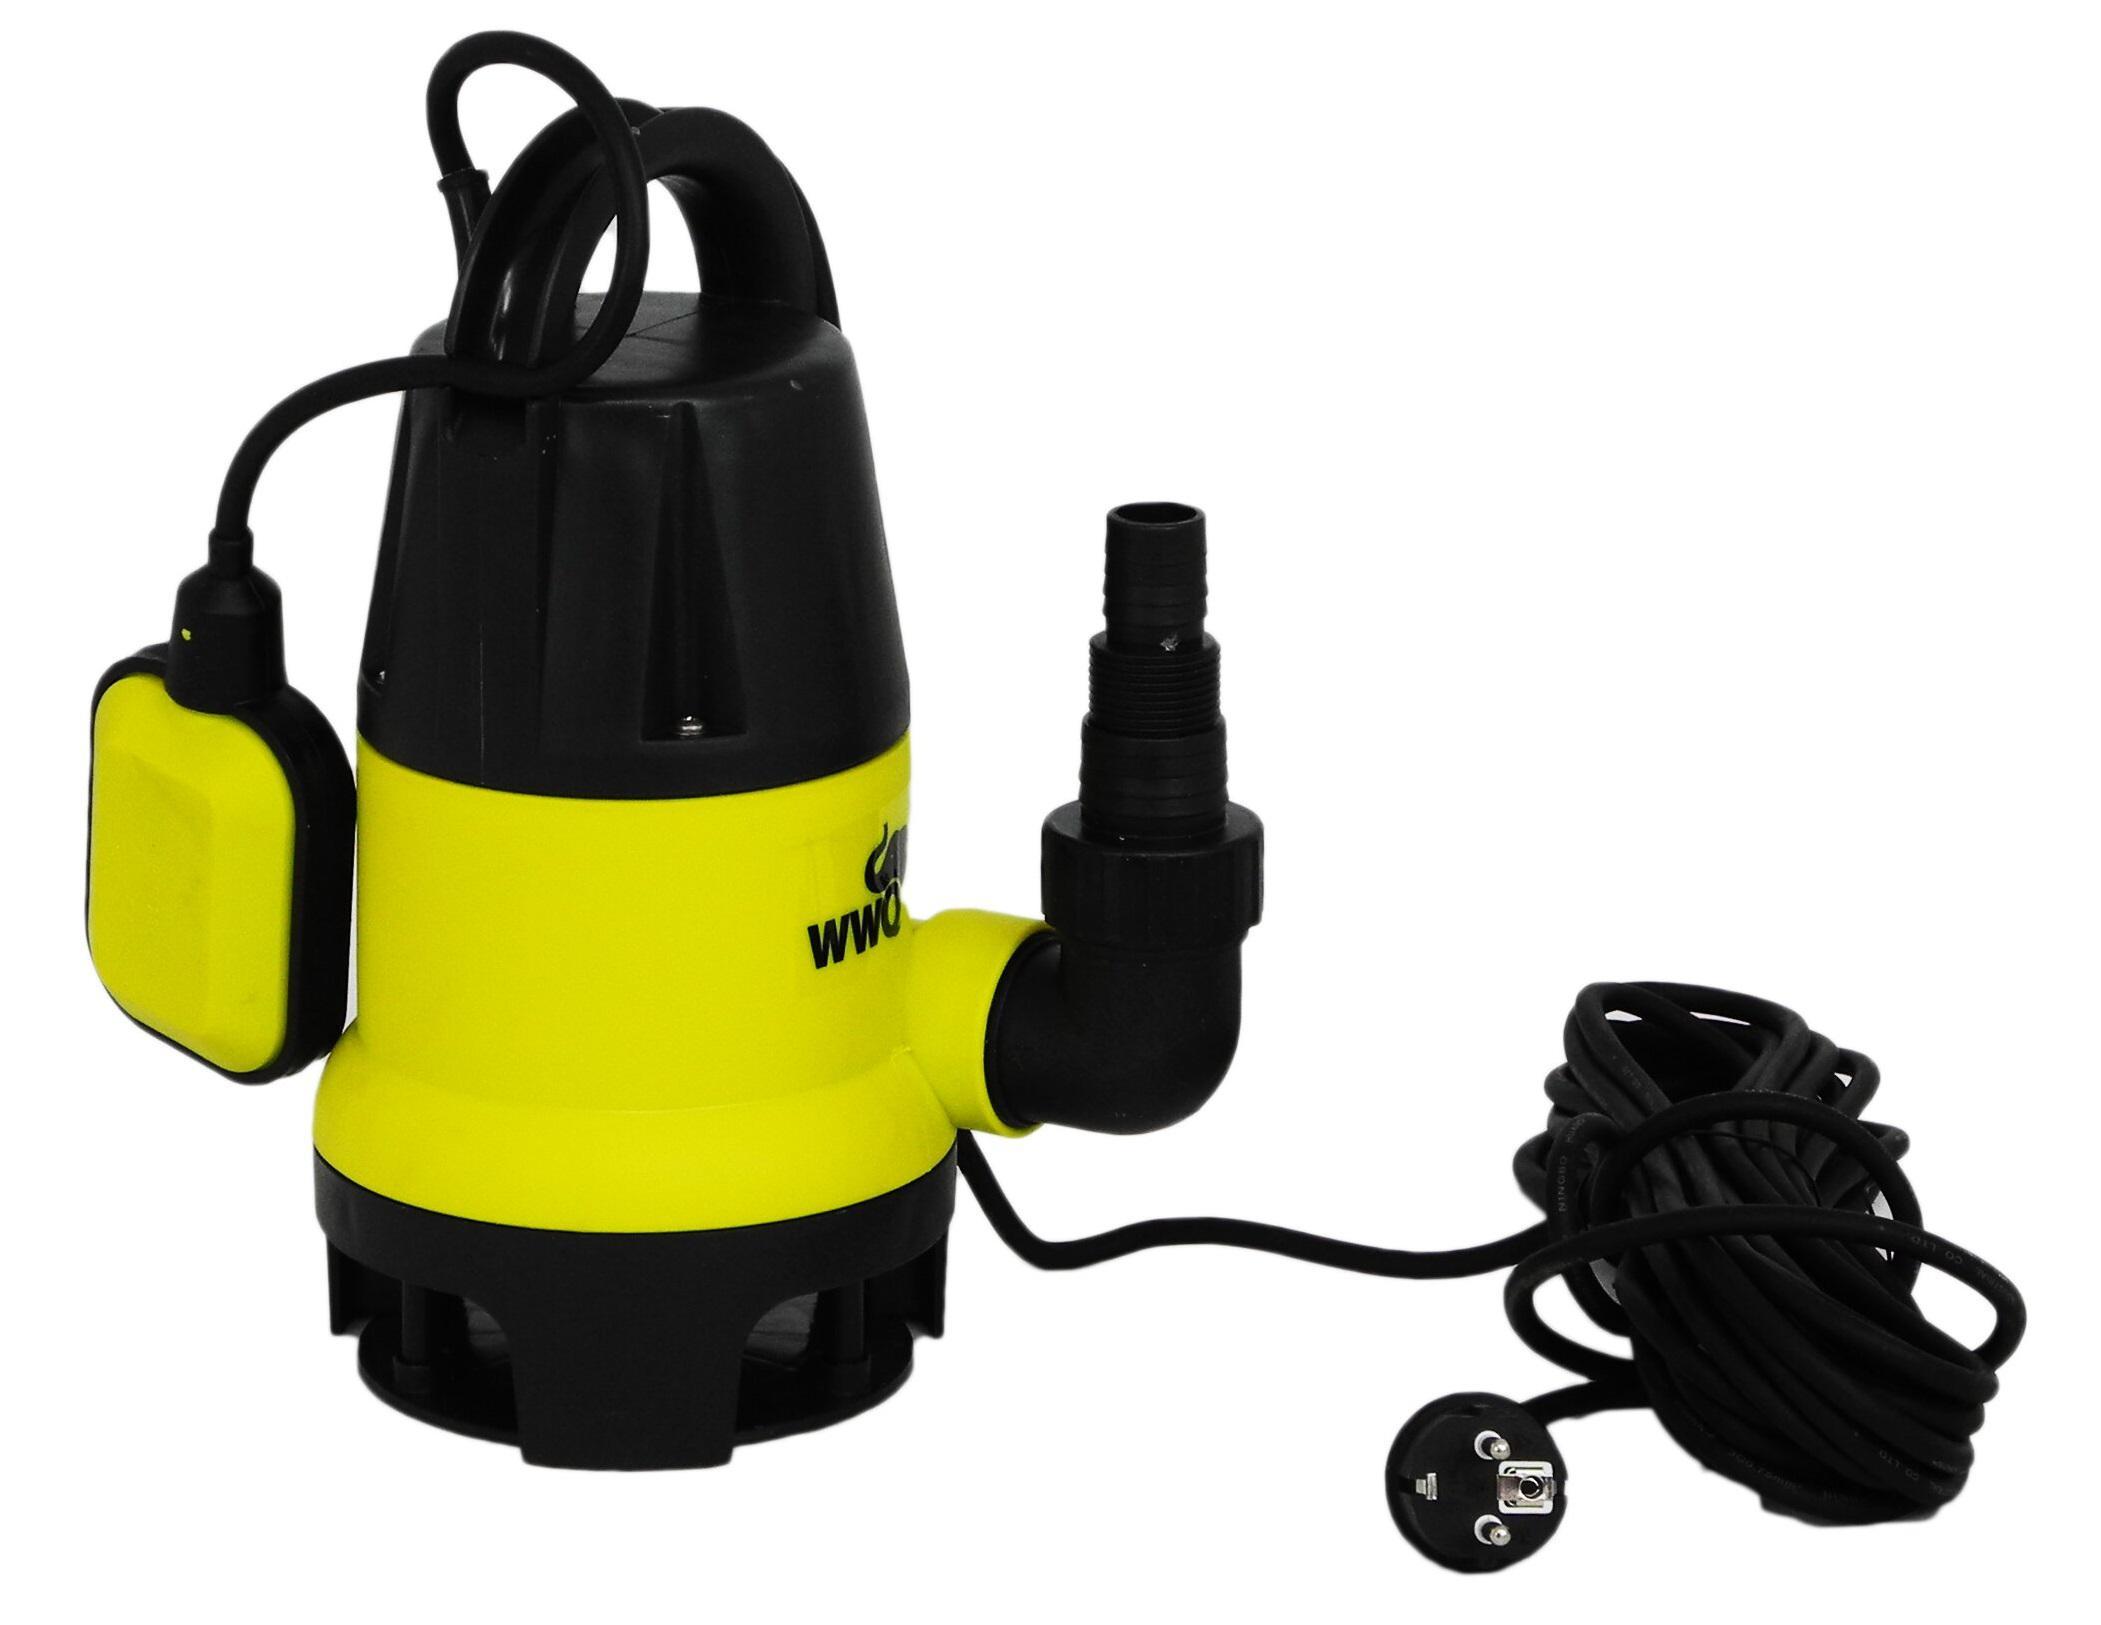 Насос Wwq Nf-800